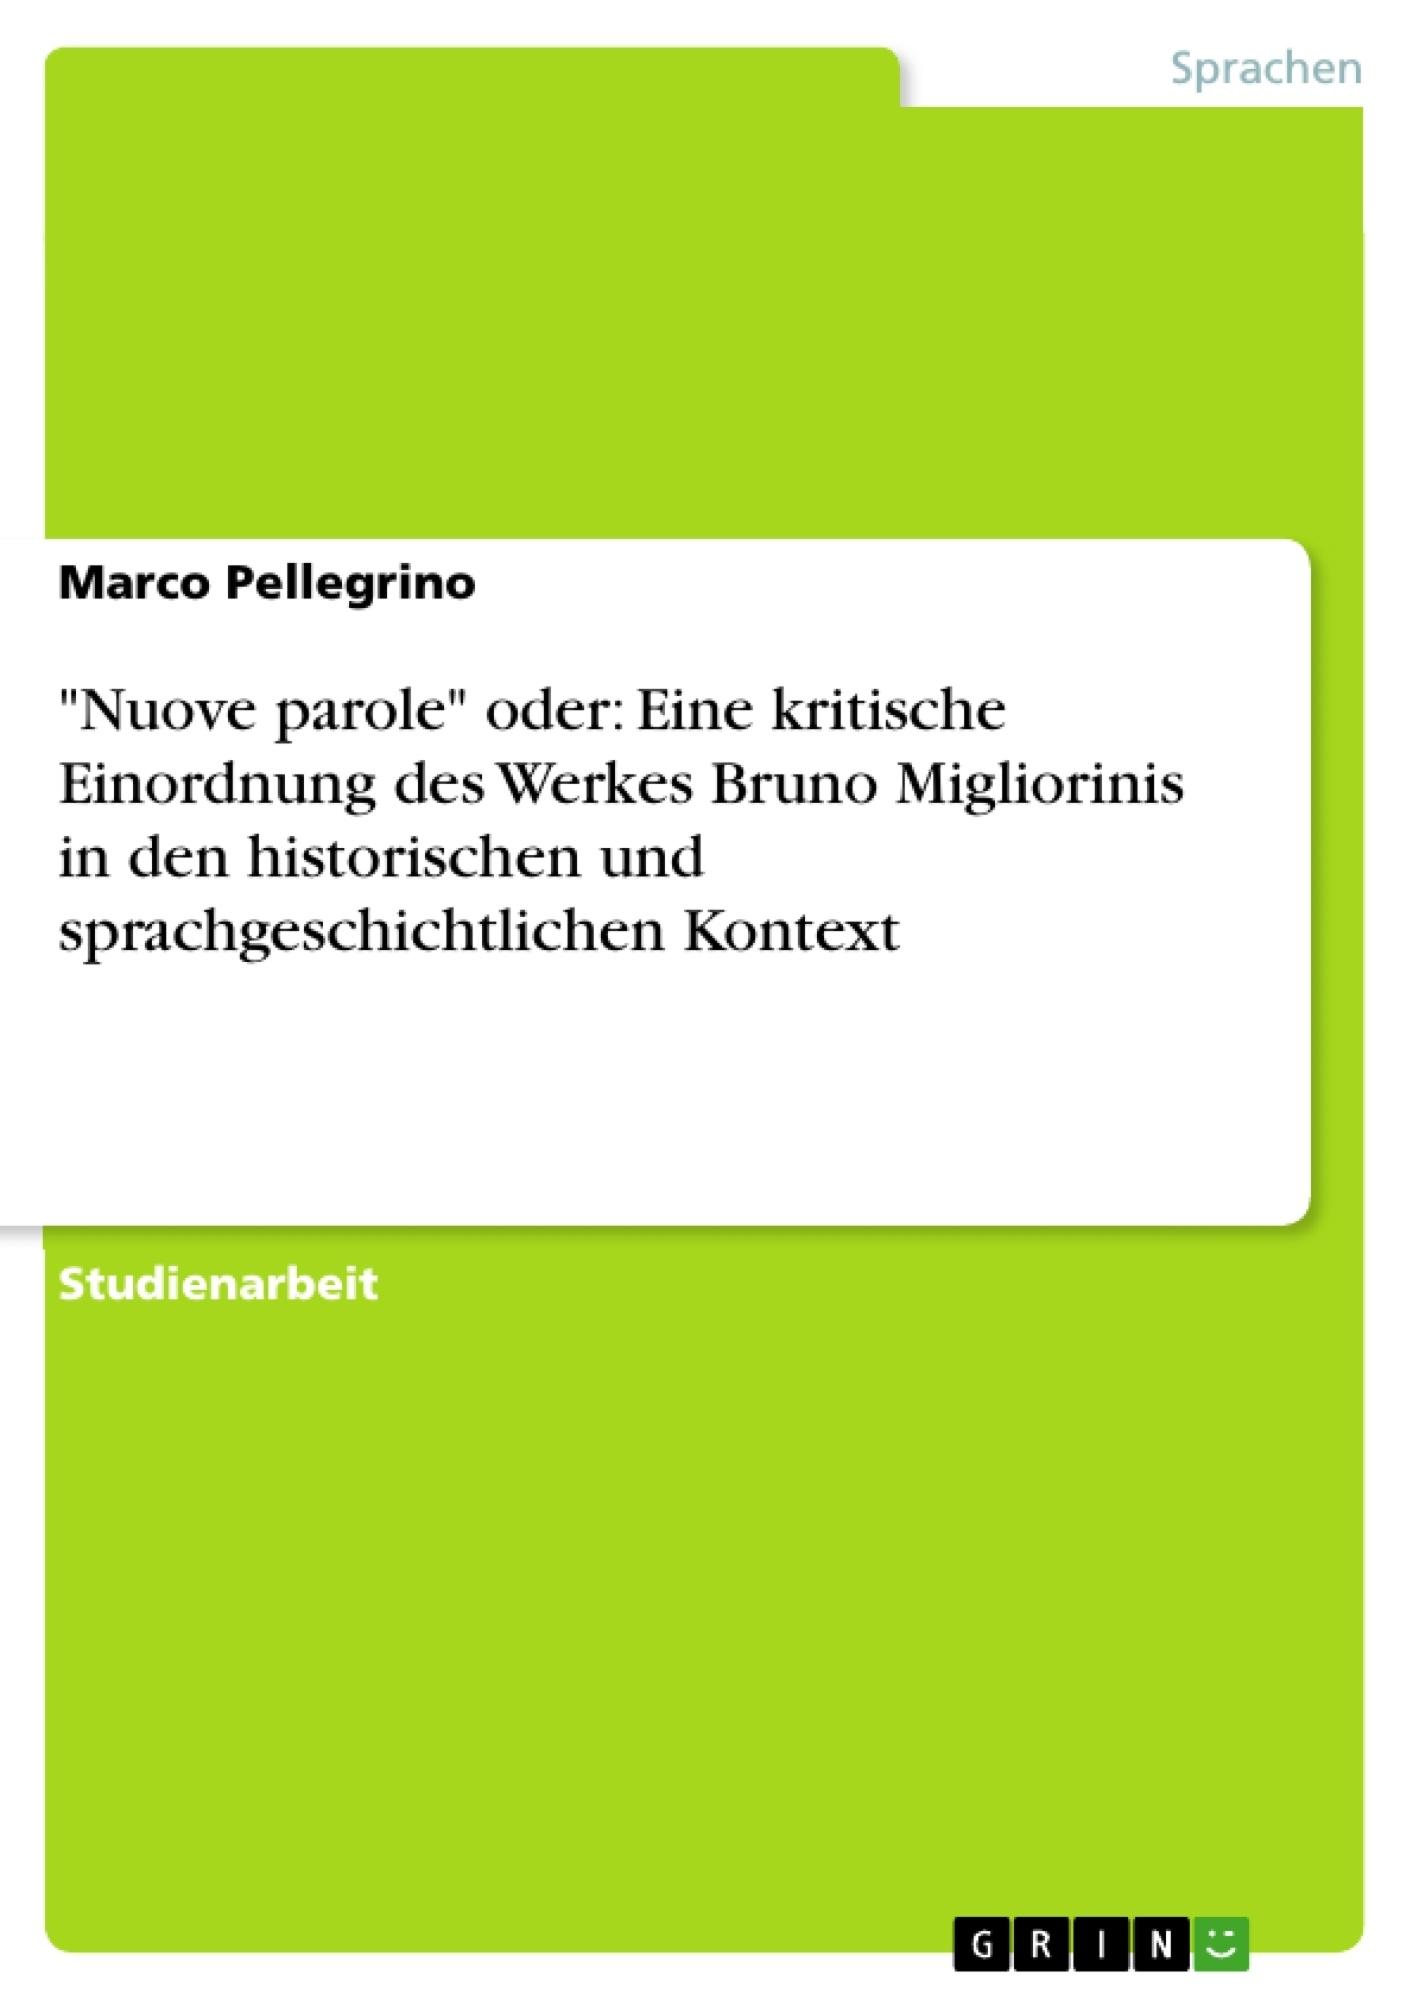 """Titel: """"Nuove parole"""" oder: Eine kritische Einordnung des Werkes Bruno Migliorinis in den historischen und sprachgeschichtlichen Kontext"""